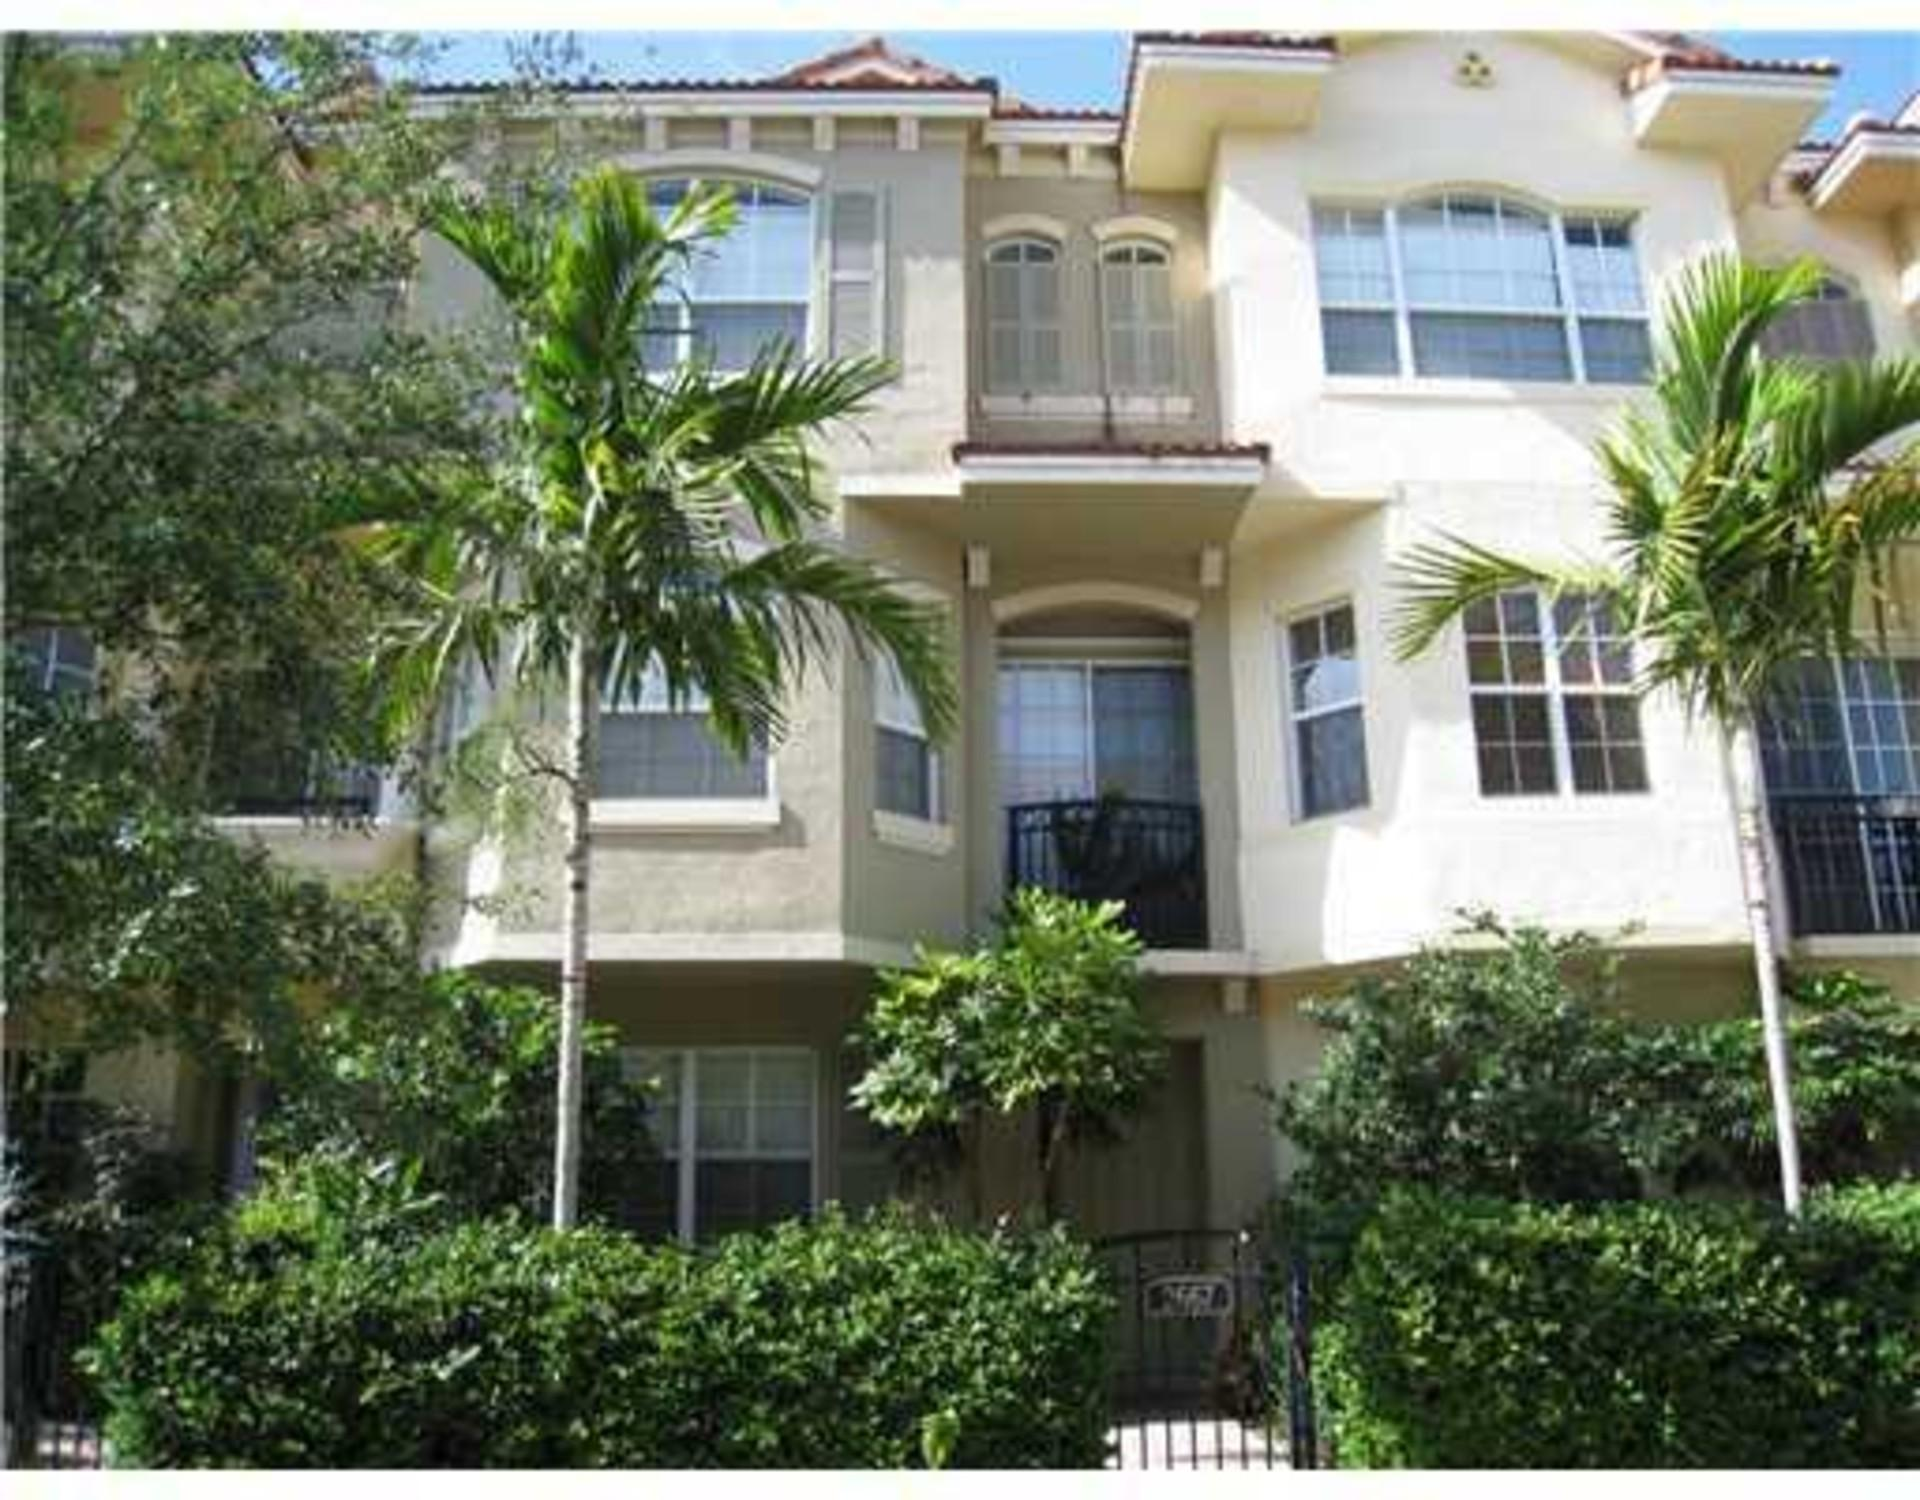 Donald Ross Rd, Palm Beach Gardens, FL 33410 - Estimate and Home ...